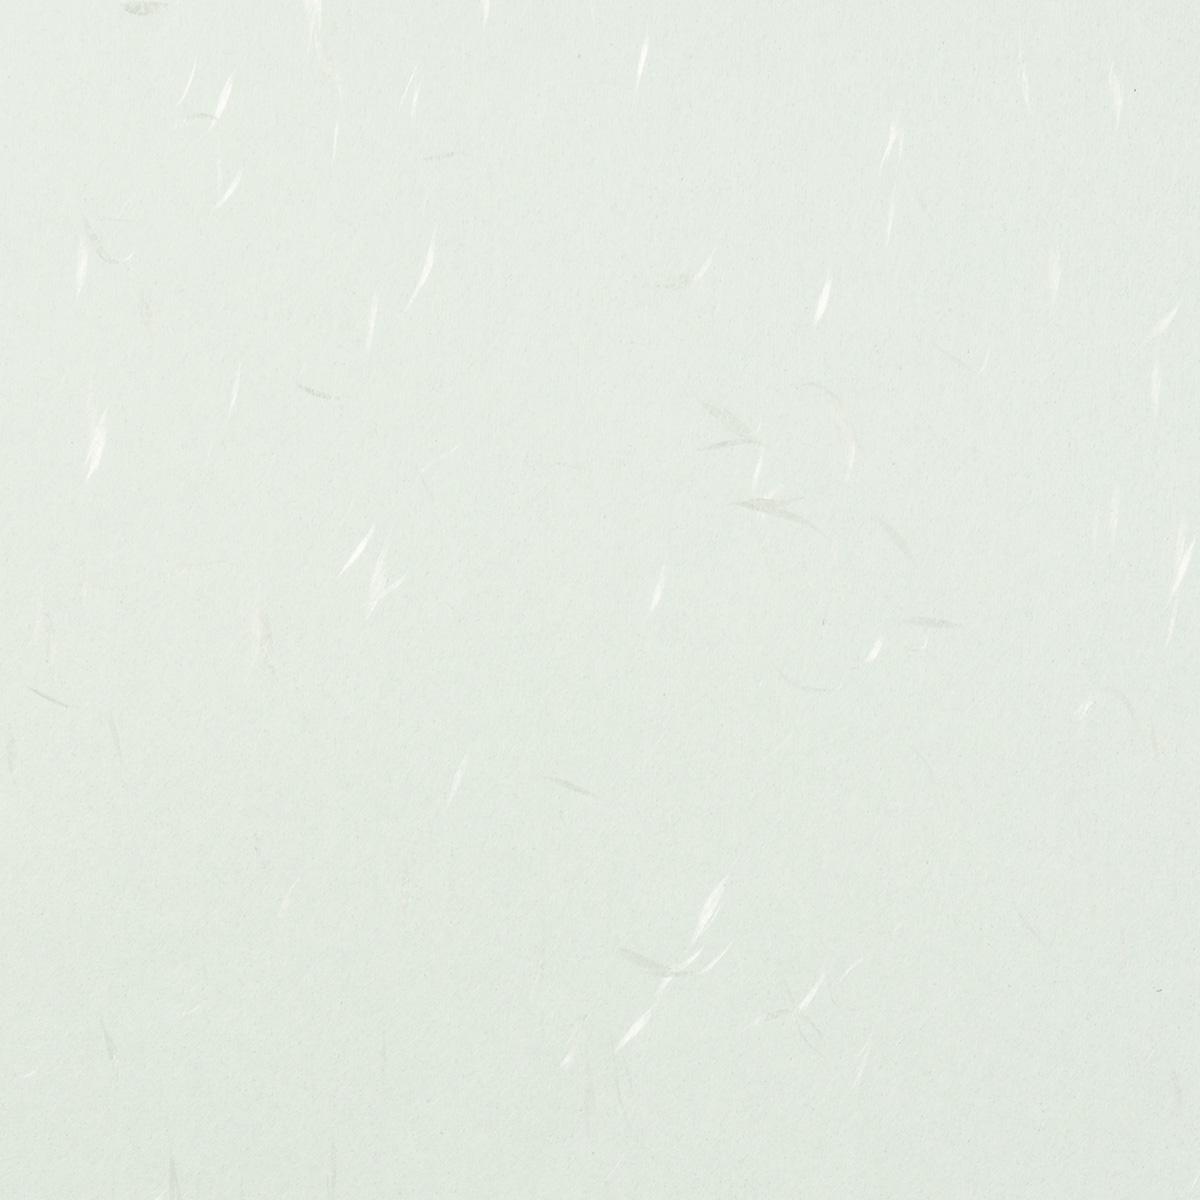 月華ニューカラー A4サイズ(50枚入) No.46 メタル